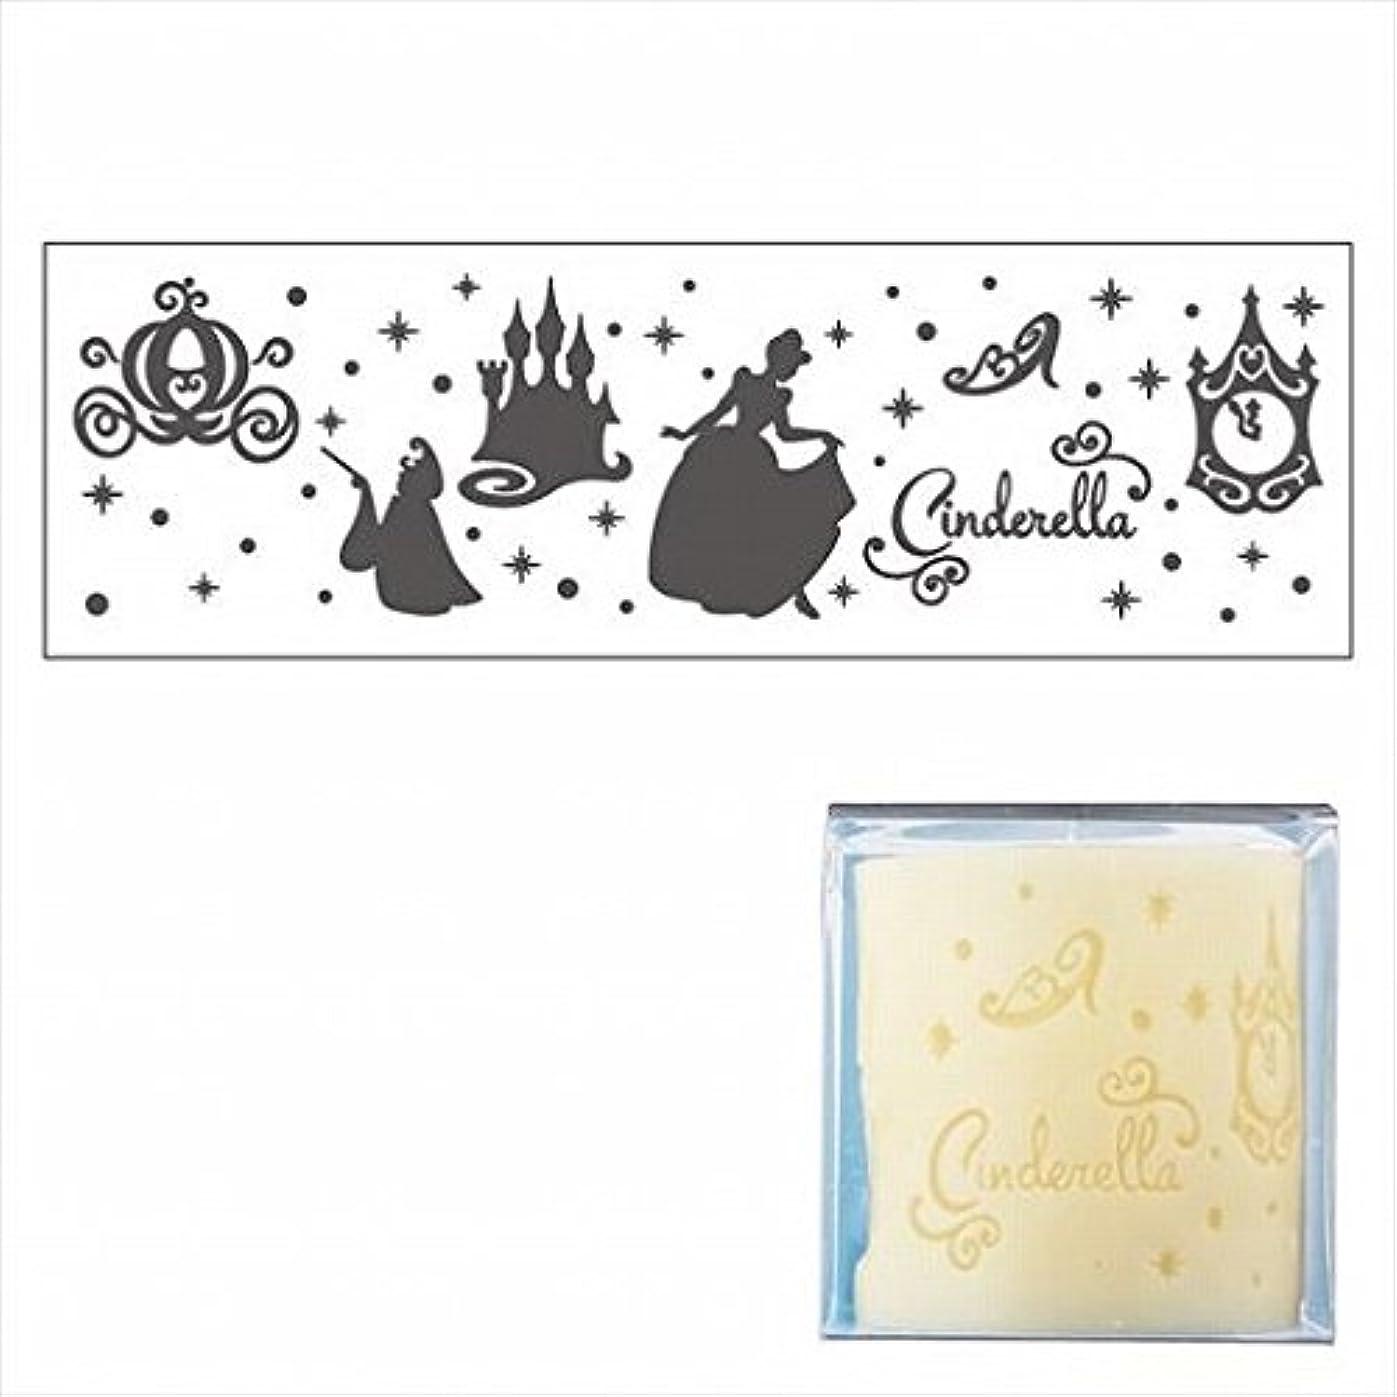 枯れる小数責任kameyama candle(カメヤマキャンドル) ディズニーLEDキャンドル 「 シンデレラ 」(A4320030)